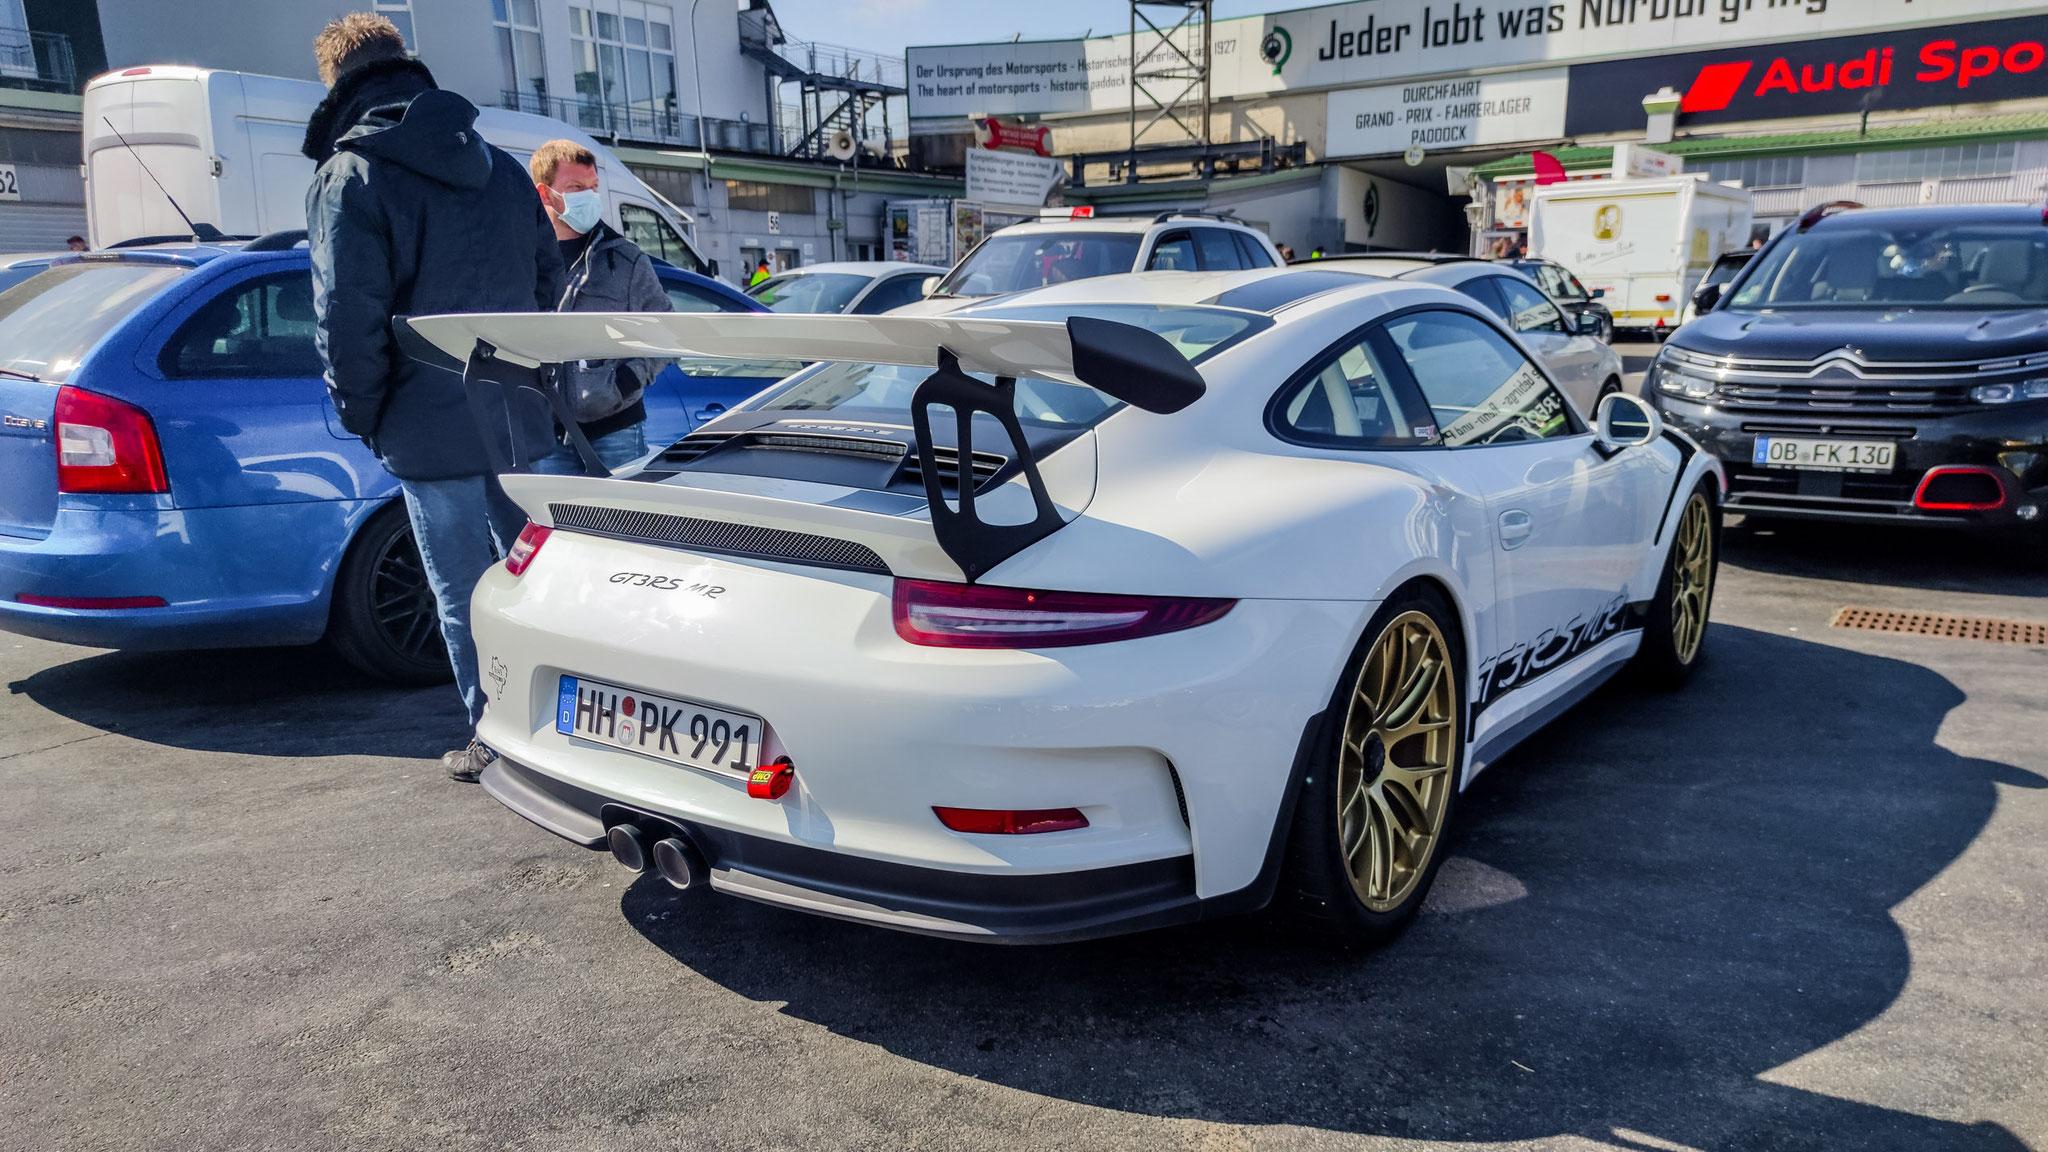 Porsche 911 991.1 GT3 RS - HH-PK-991